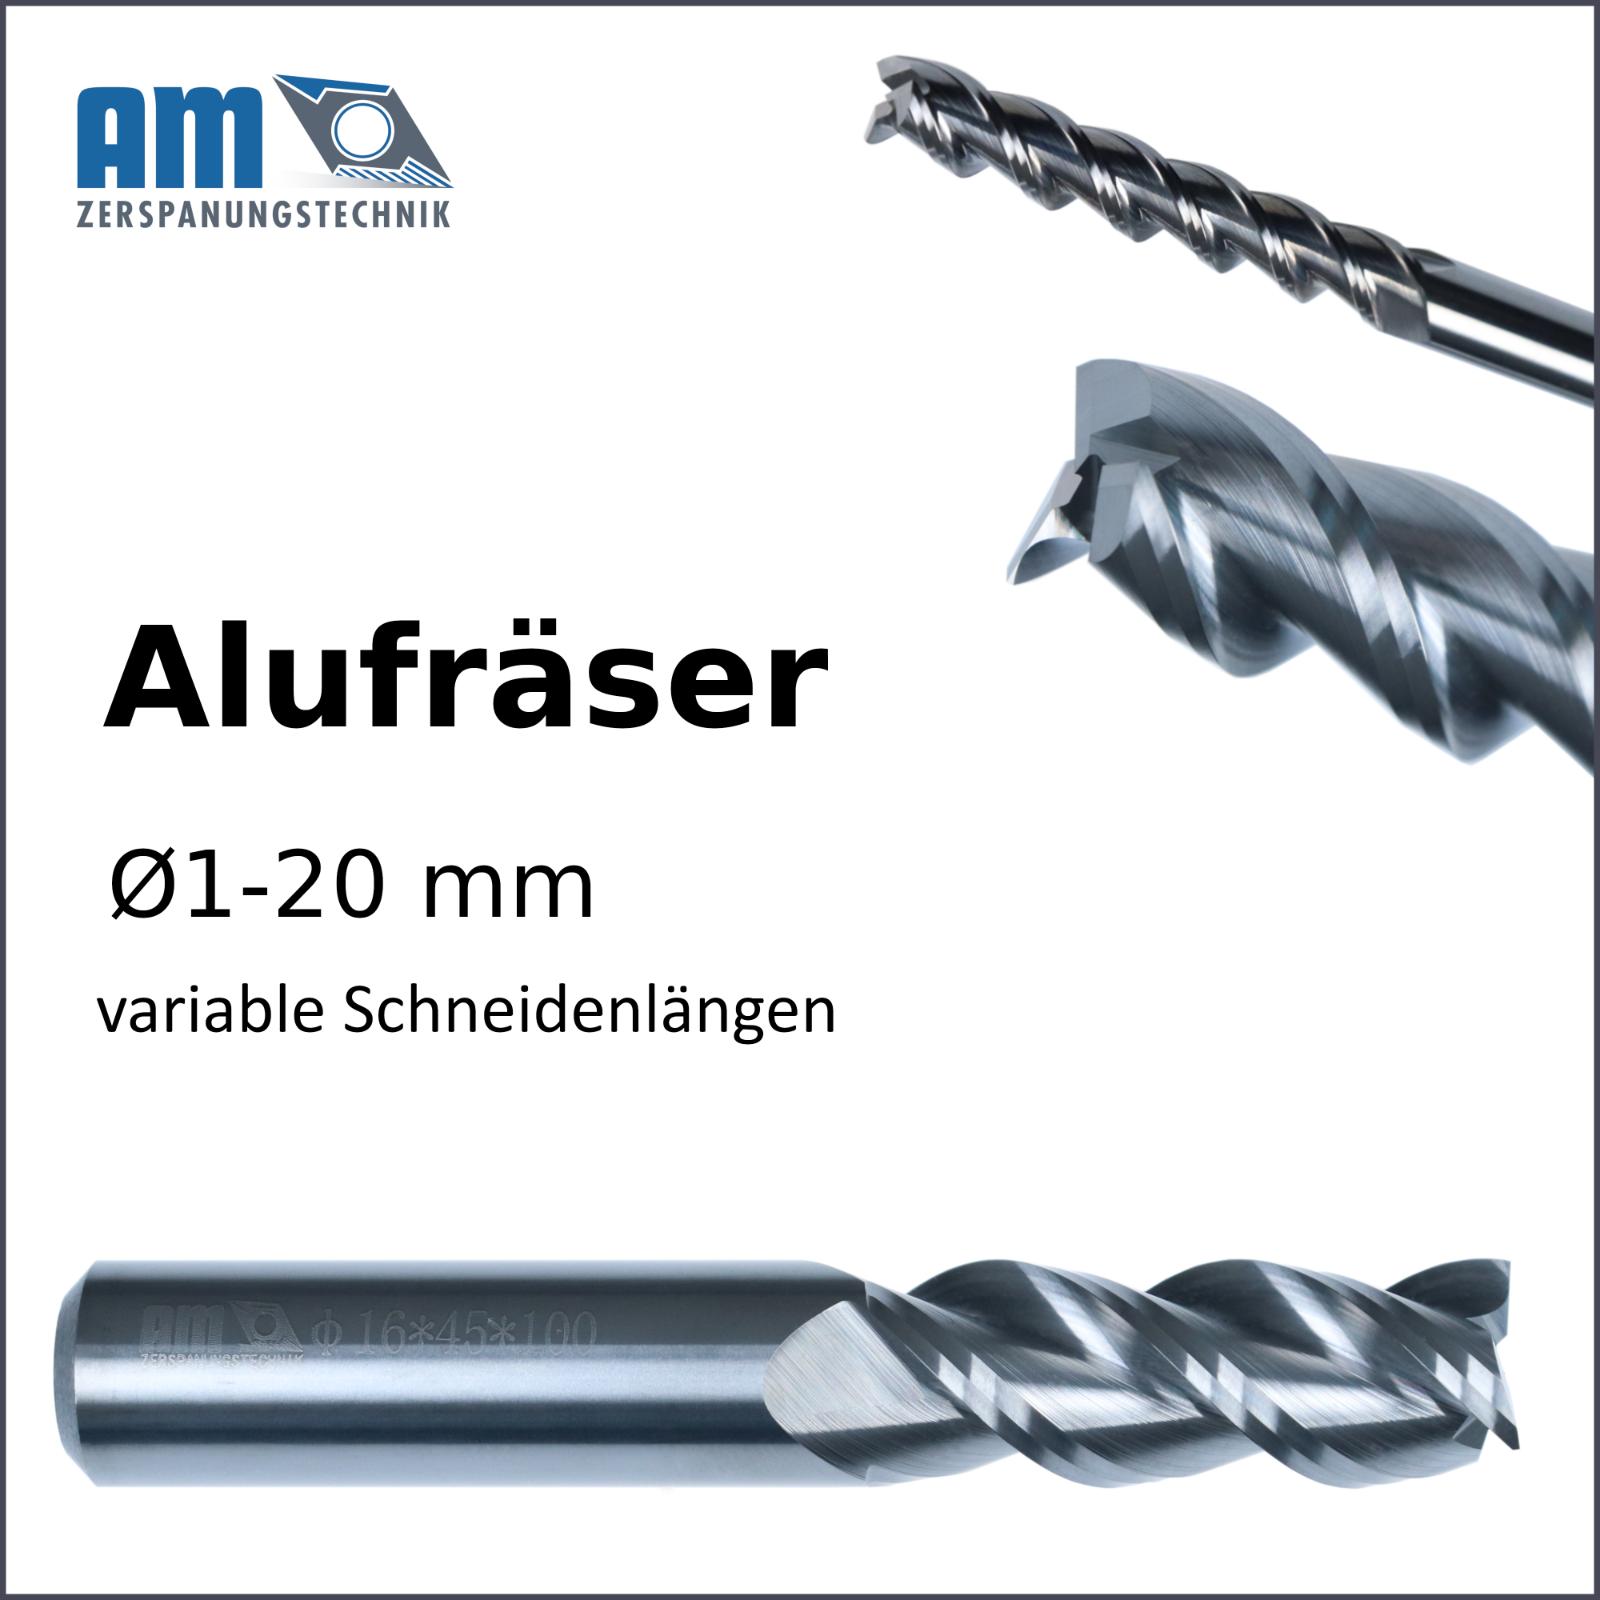 VHM Schaftfräser - verschiedene Größen - Alu & NE Metalle